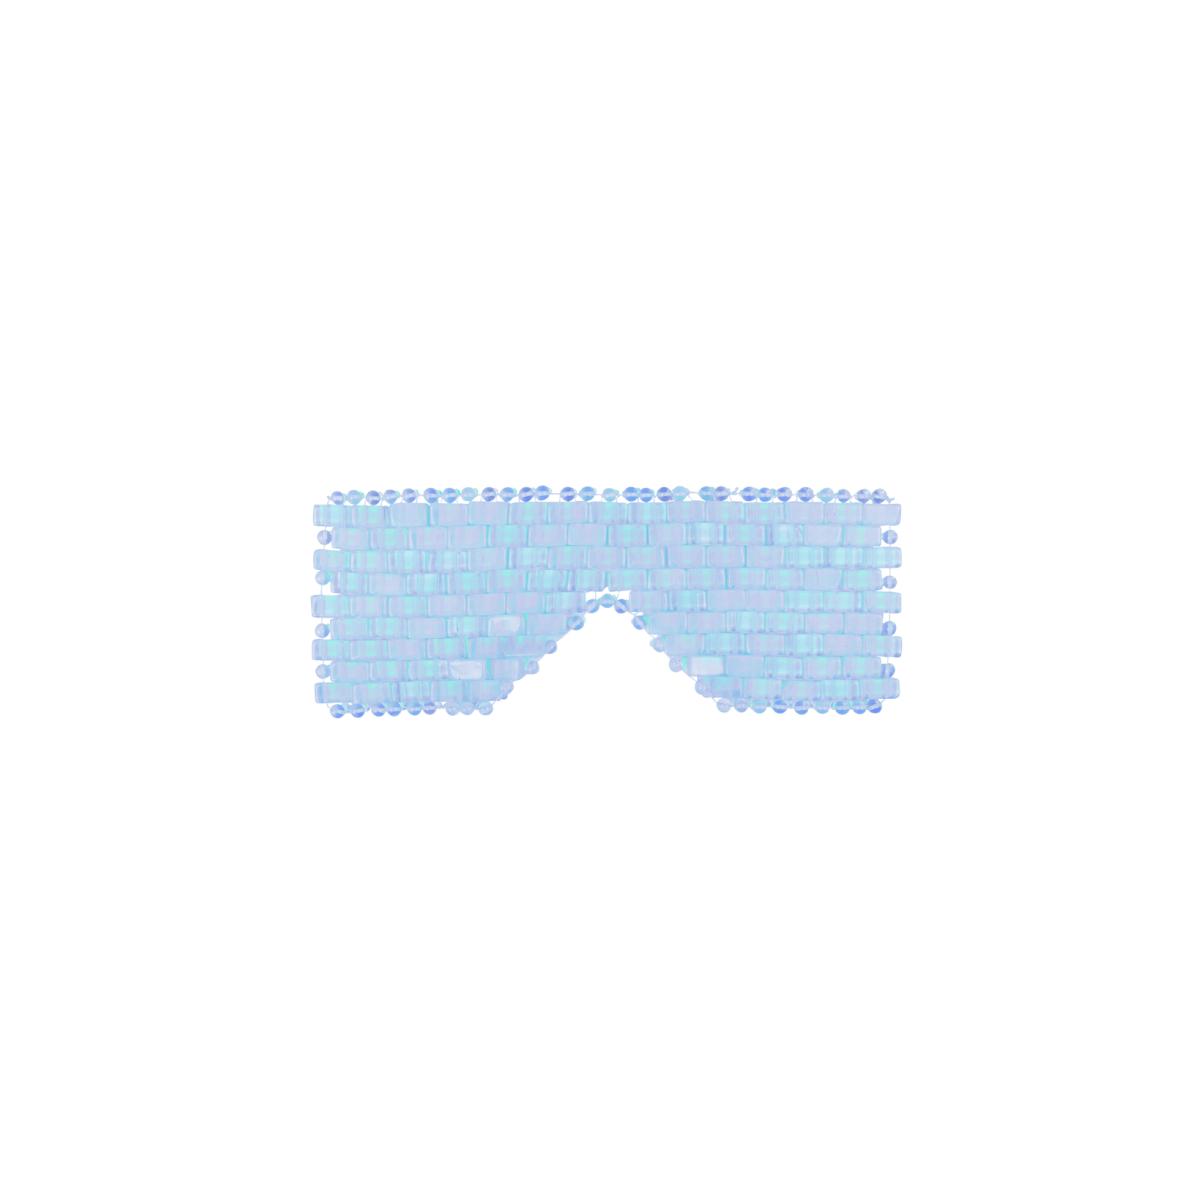 LILFOX eye mask